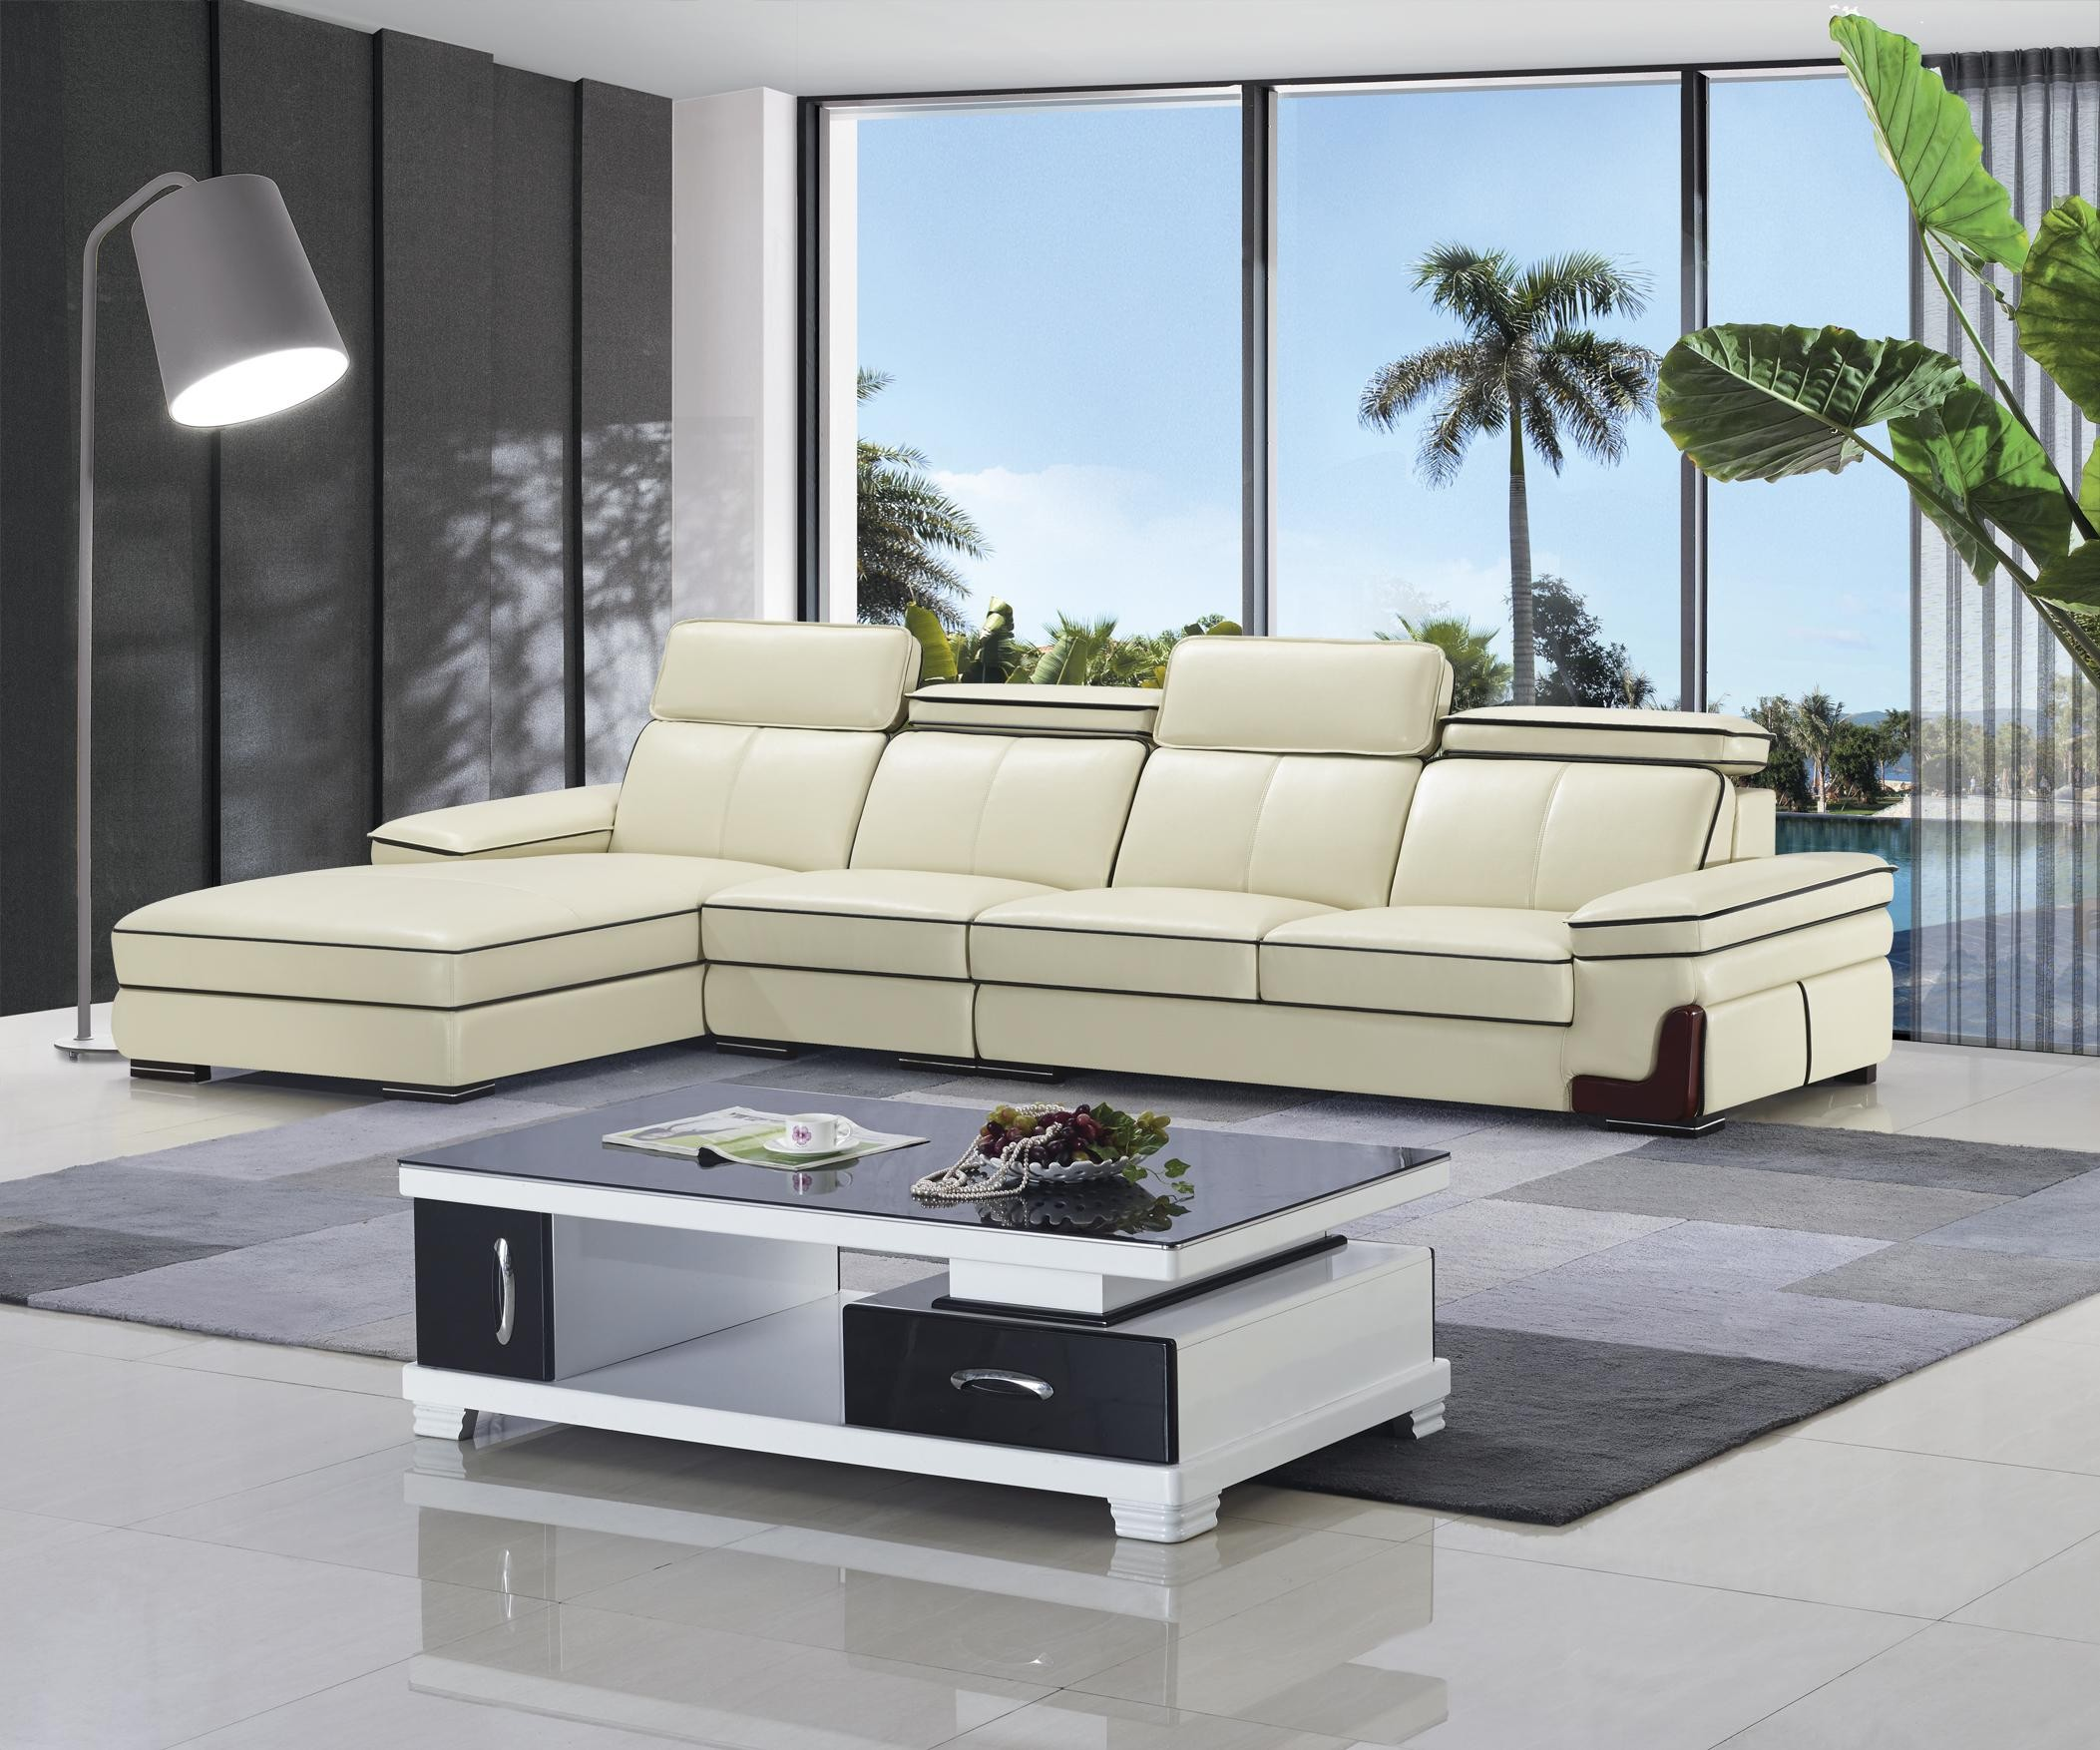 Arredamenti mobili camera da letto soggiorno cucina divani for Camera letto mobili